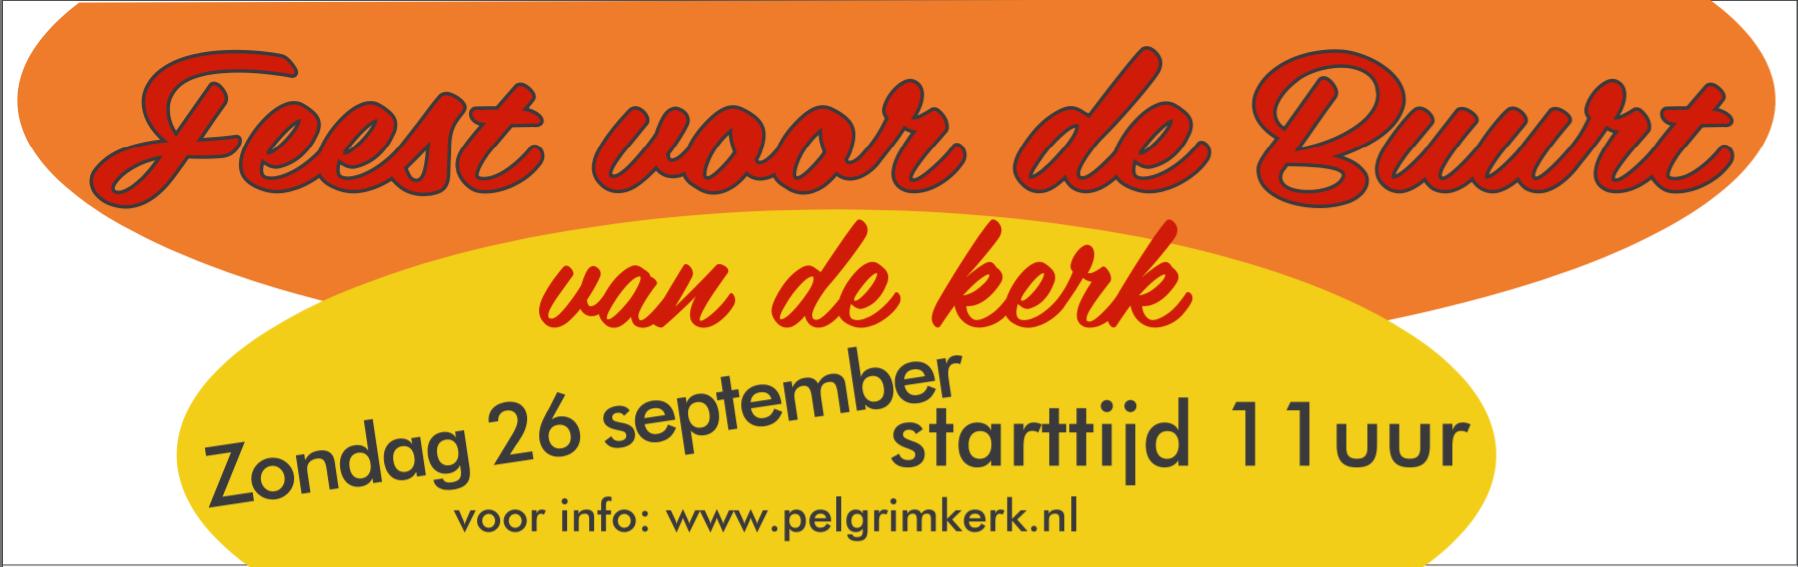 Feest voor de buurt 26 september